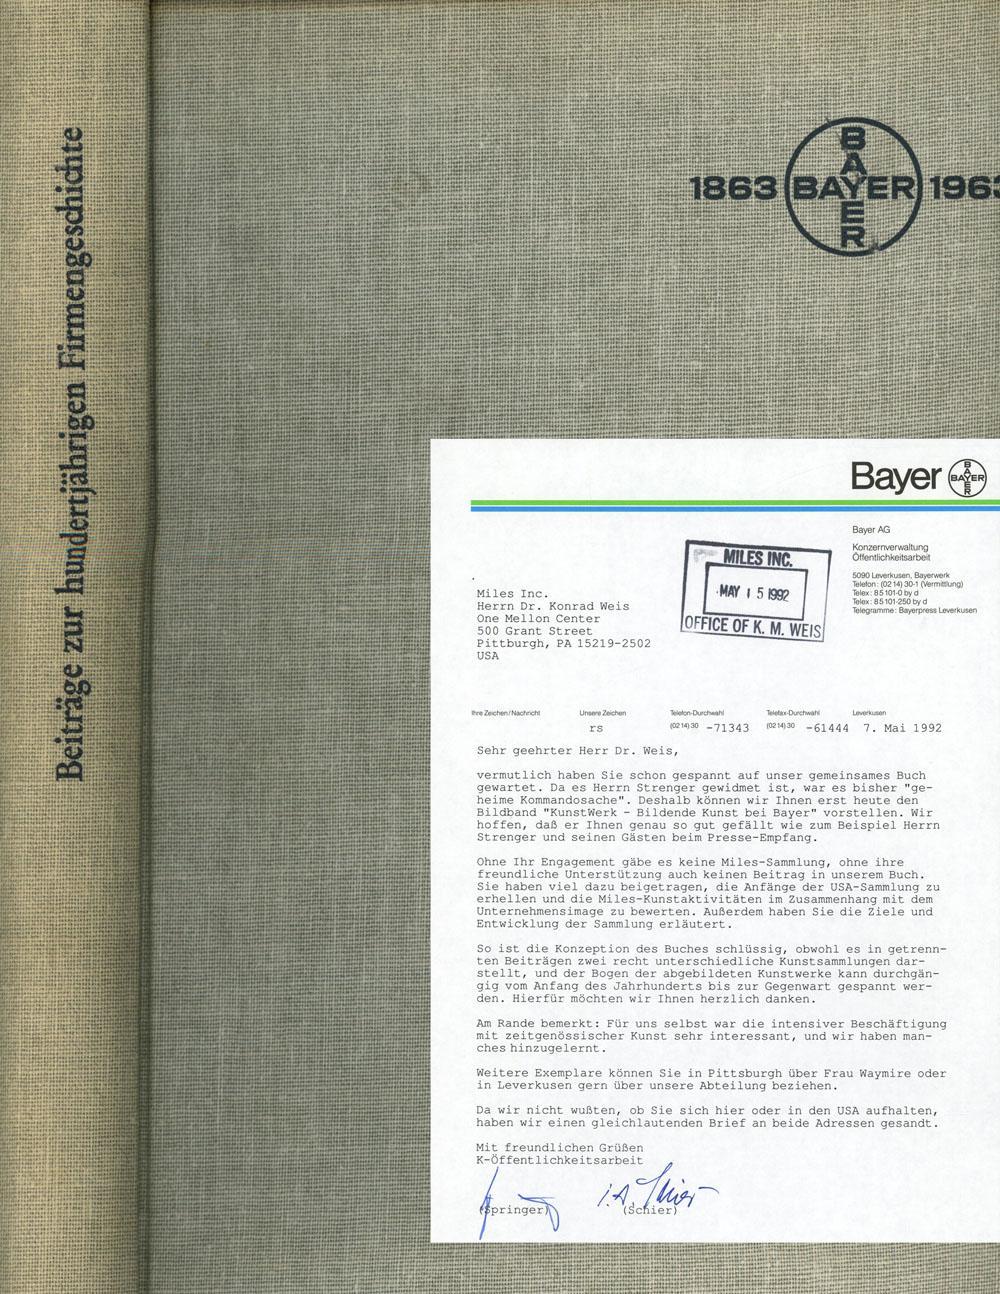 Contemporary Beispiele Für Beschäftigung Verification Brief ...